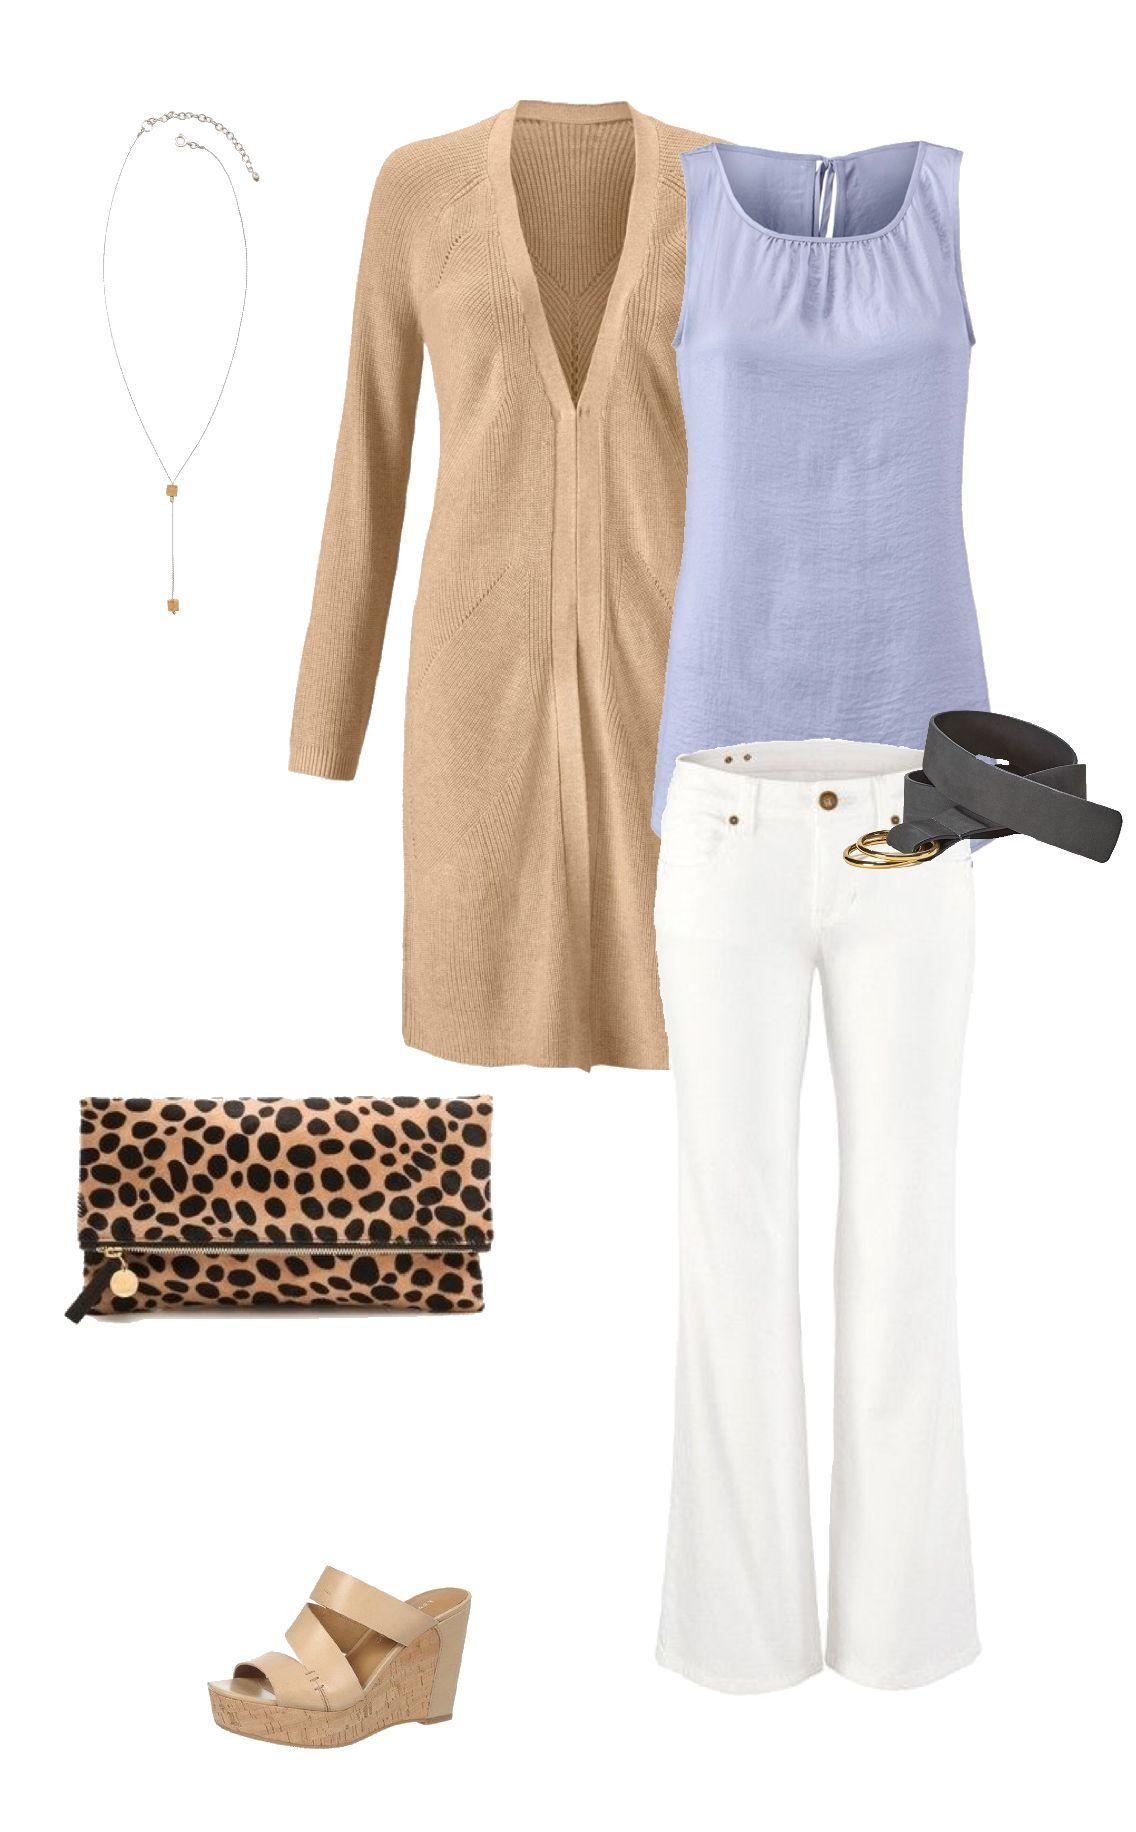 ladies fashion ideas Image# 59 #ladiesfashionideas